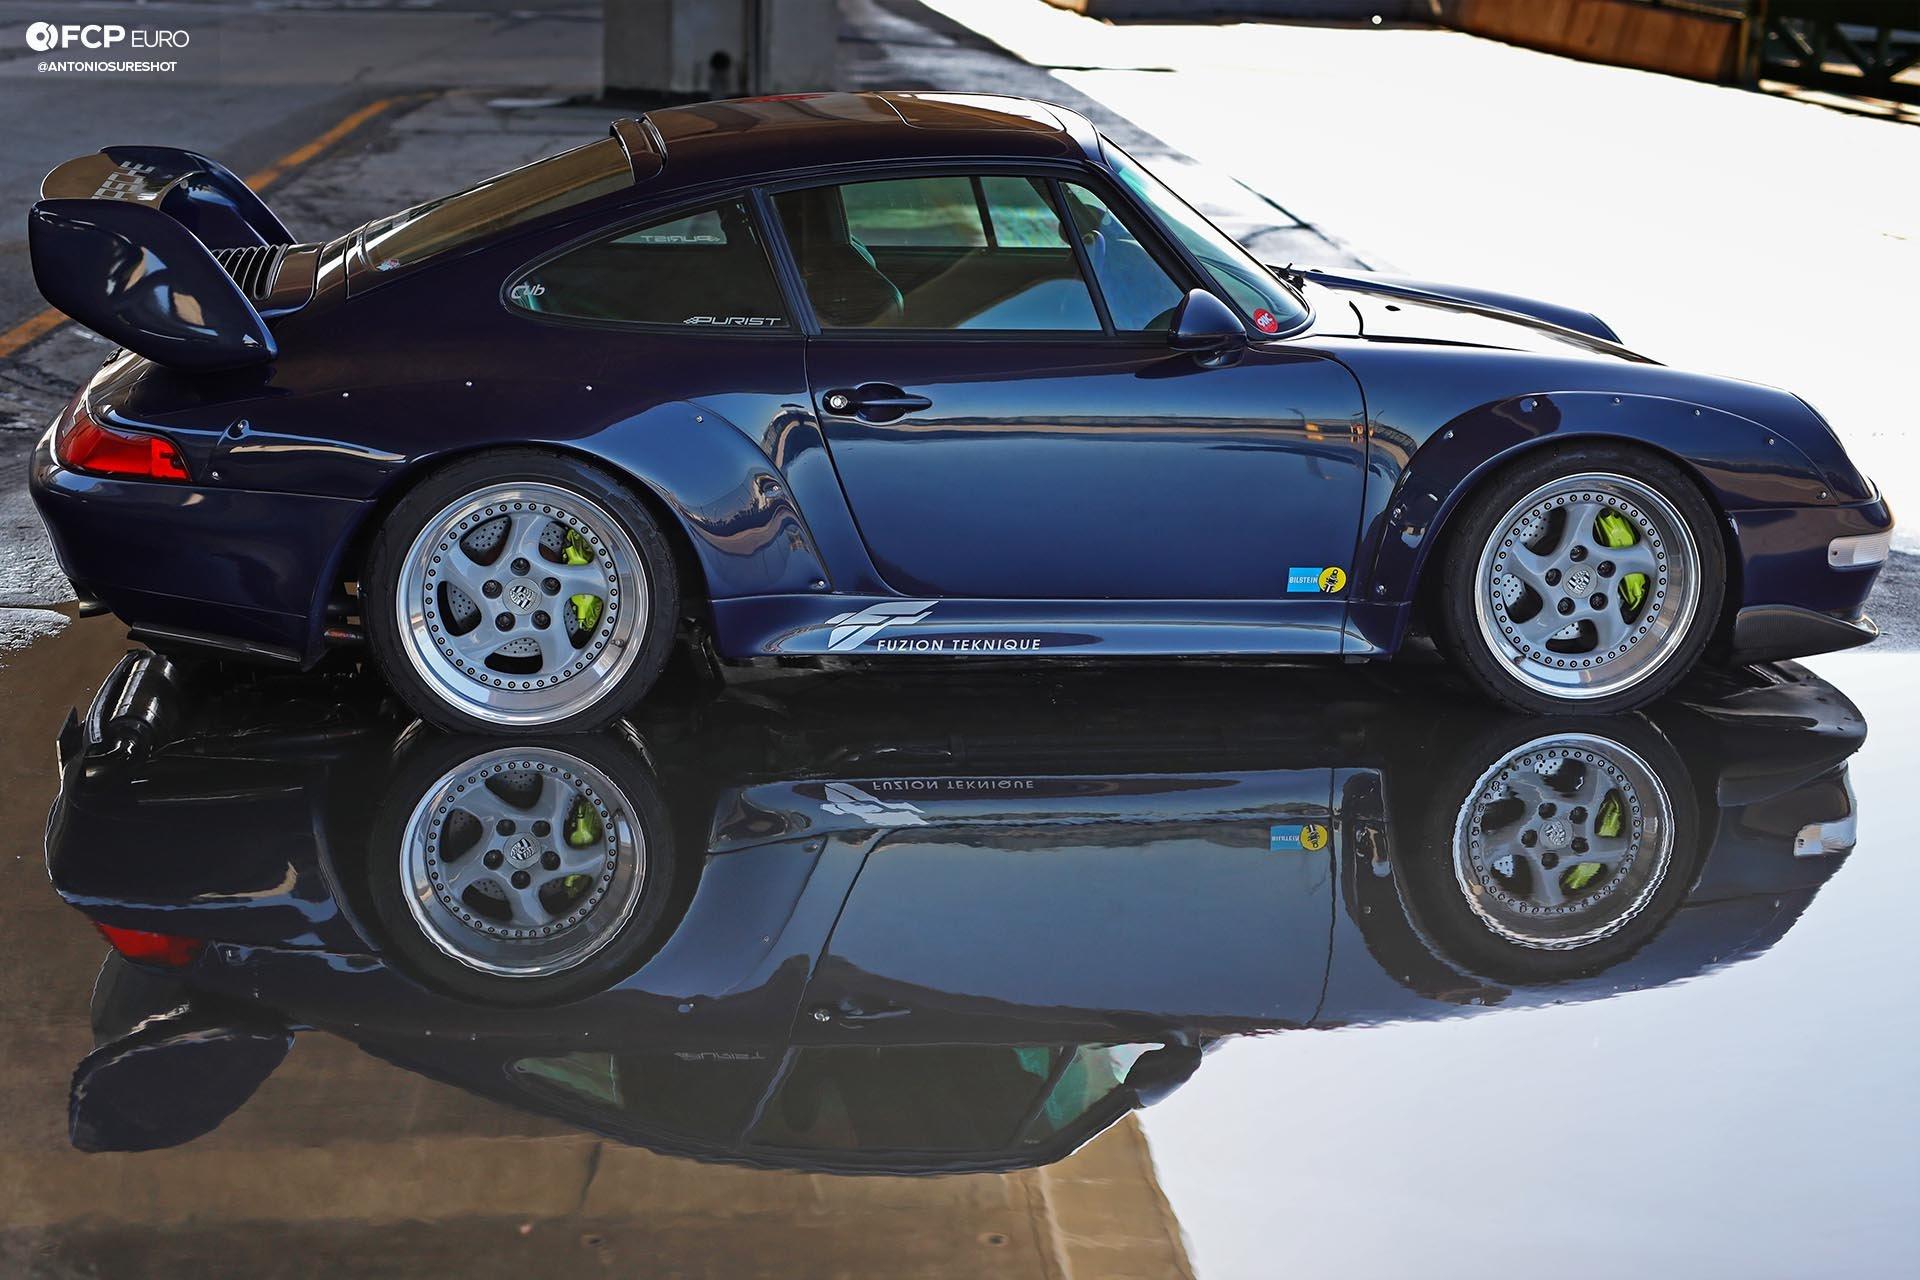 1996 Porsche 911 Carrera 993 RWB profile